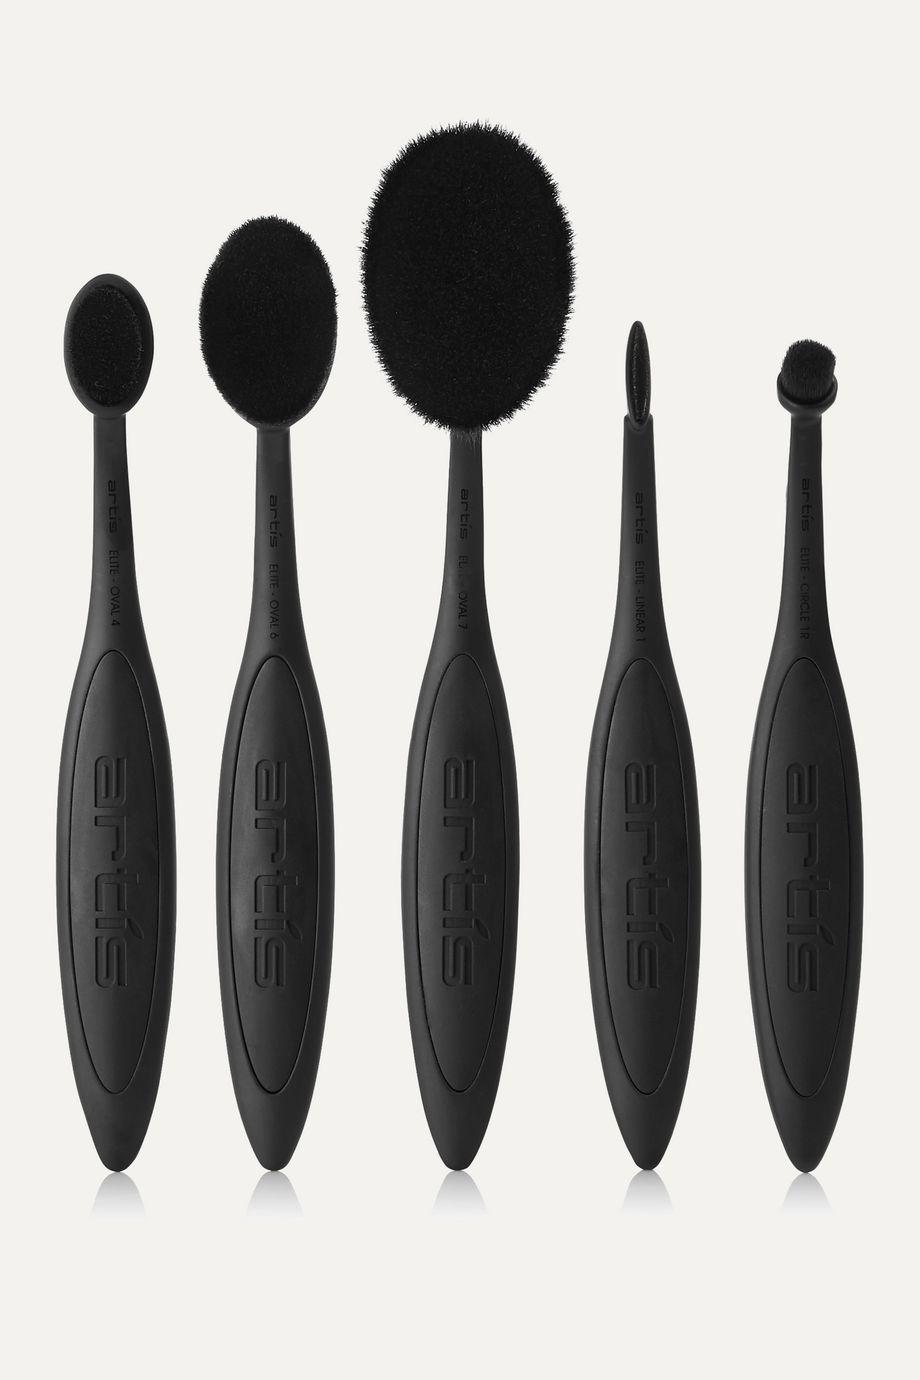 Artis Brush Elite Black 5 Brush Set